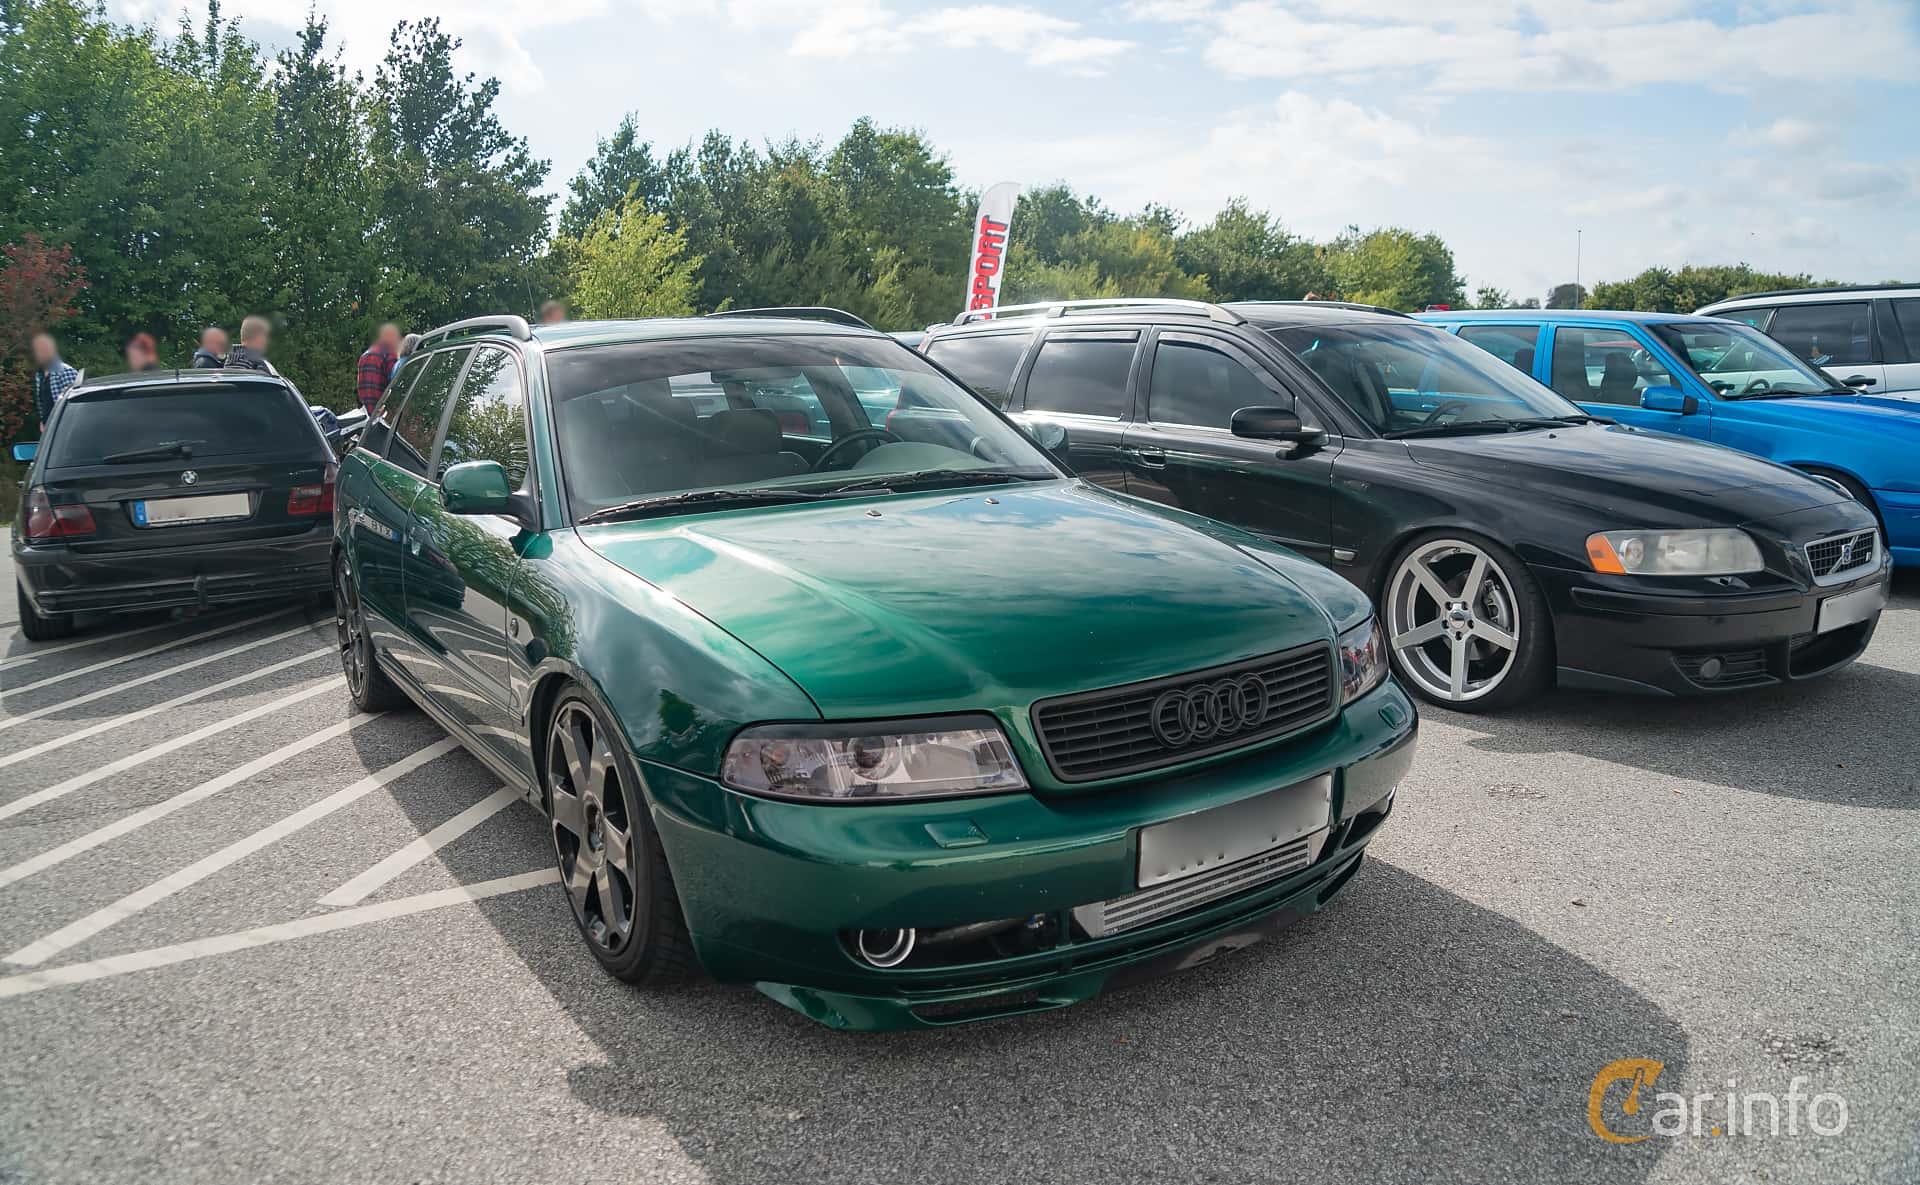 Kelebihan Kekurangan Audi A4 1998 Top Model Tahun Ini